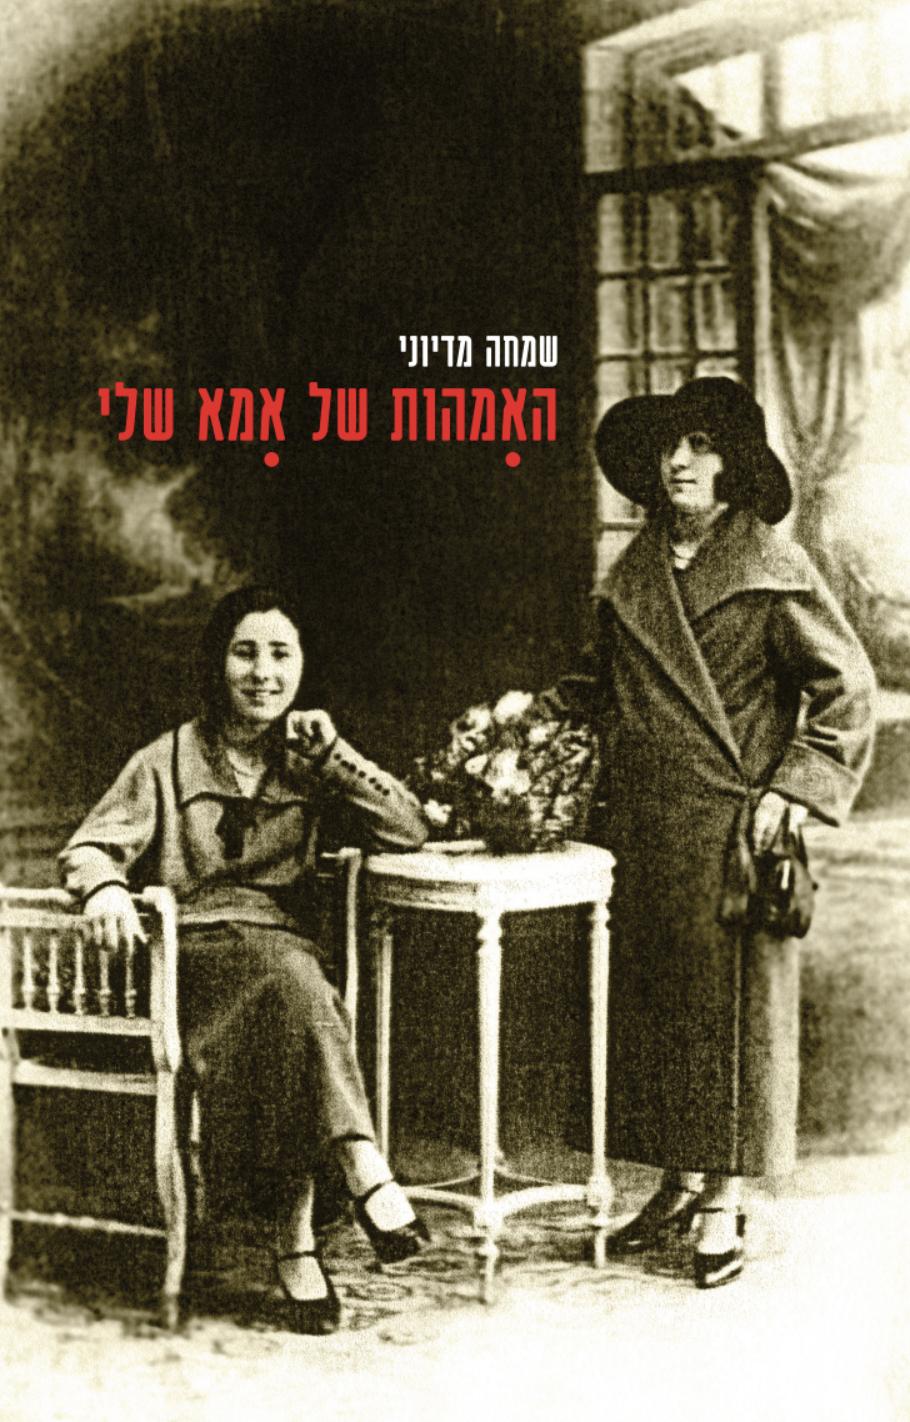 האמהות של אמא שלי / שמחה מדיוני -  ראה אור בהוצאת הספרים של סטימצקי